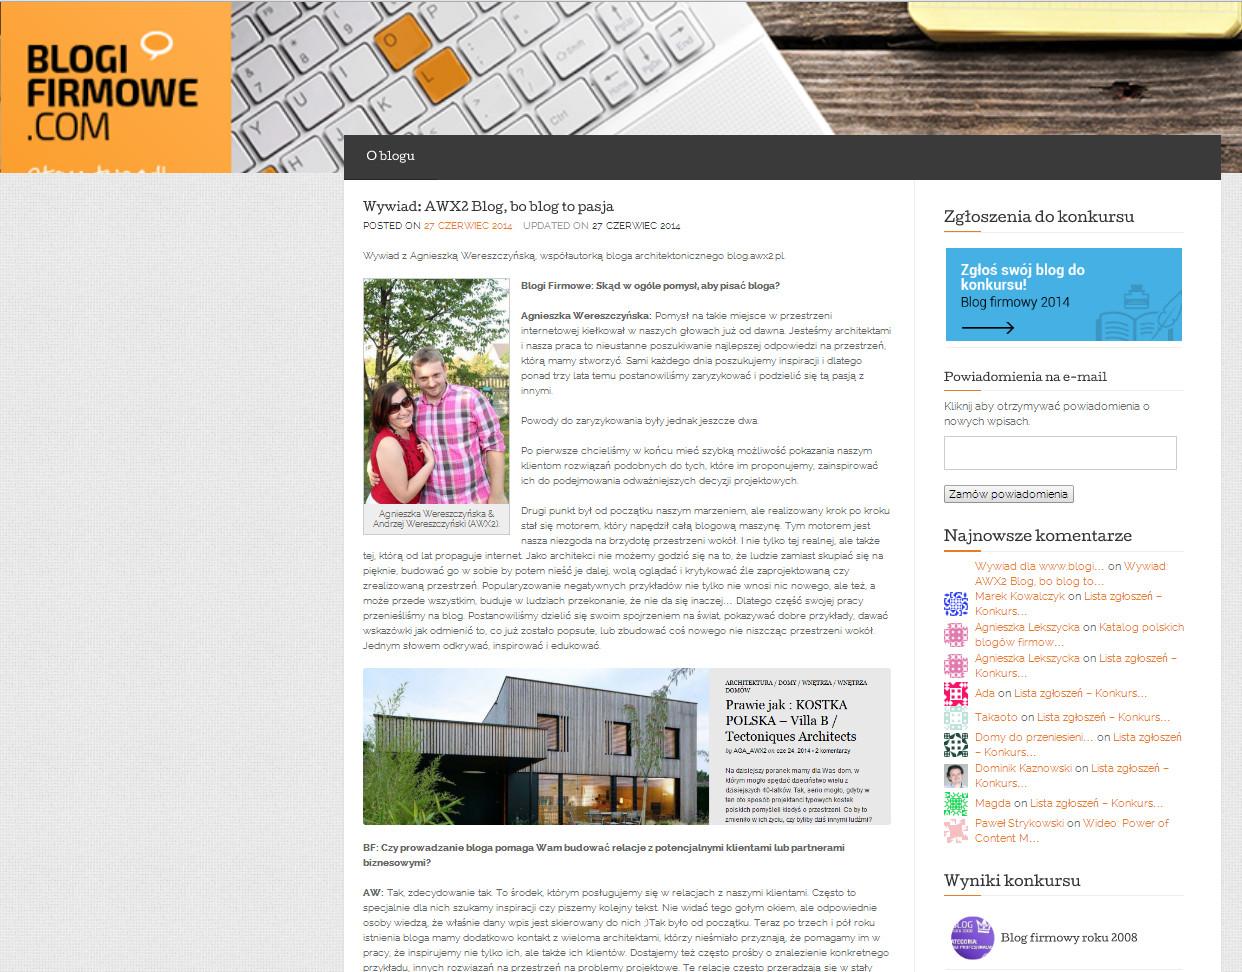 wywiad awx2 blogifirmowe